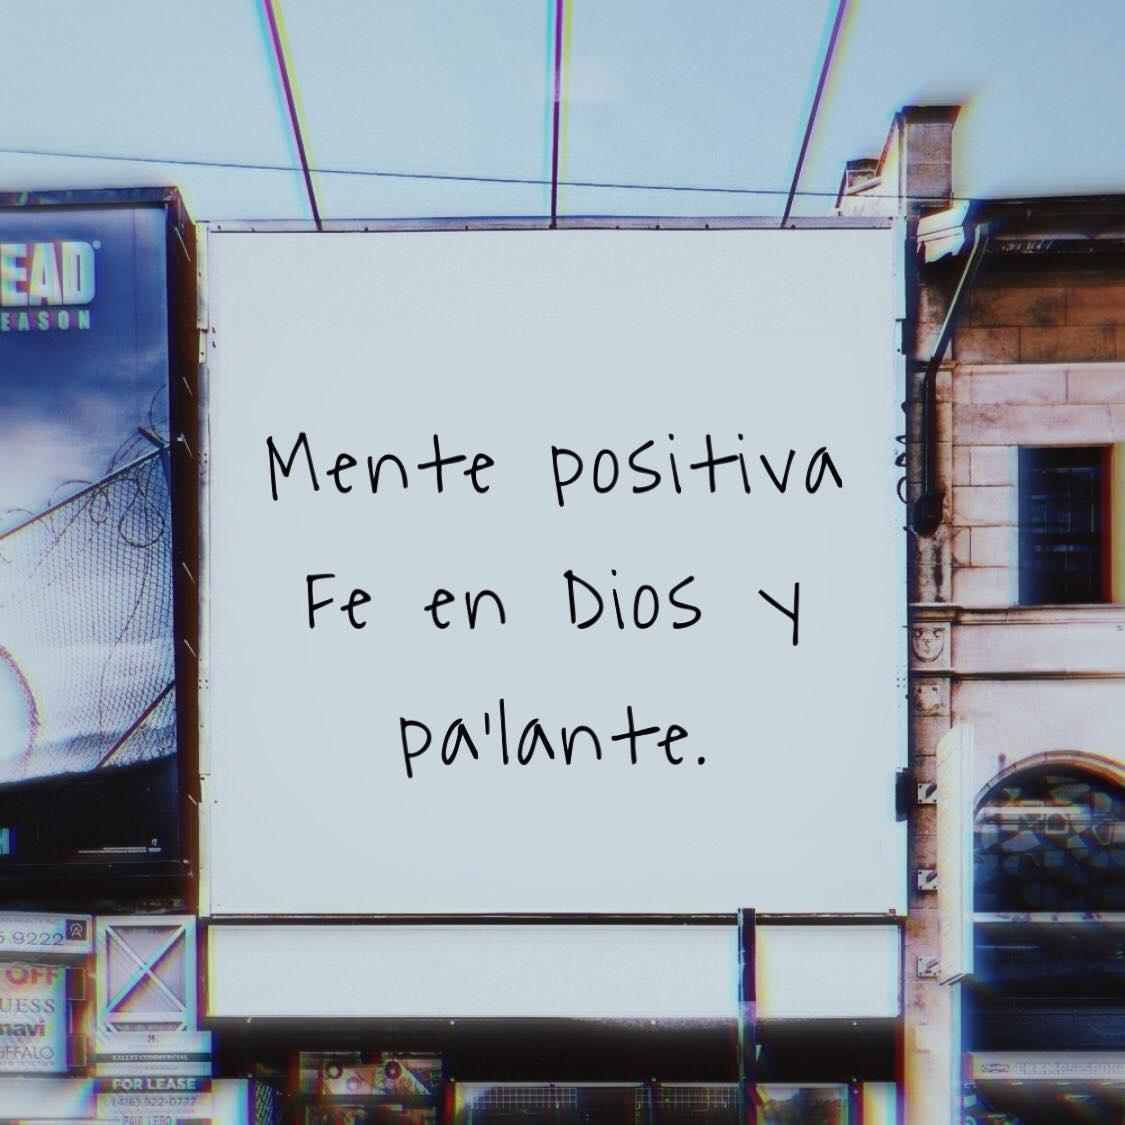 Mente positiva Fe en Dios y para delante